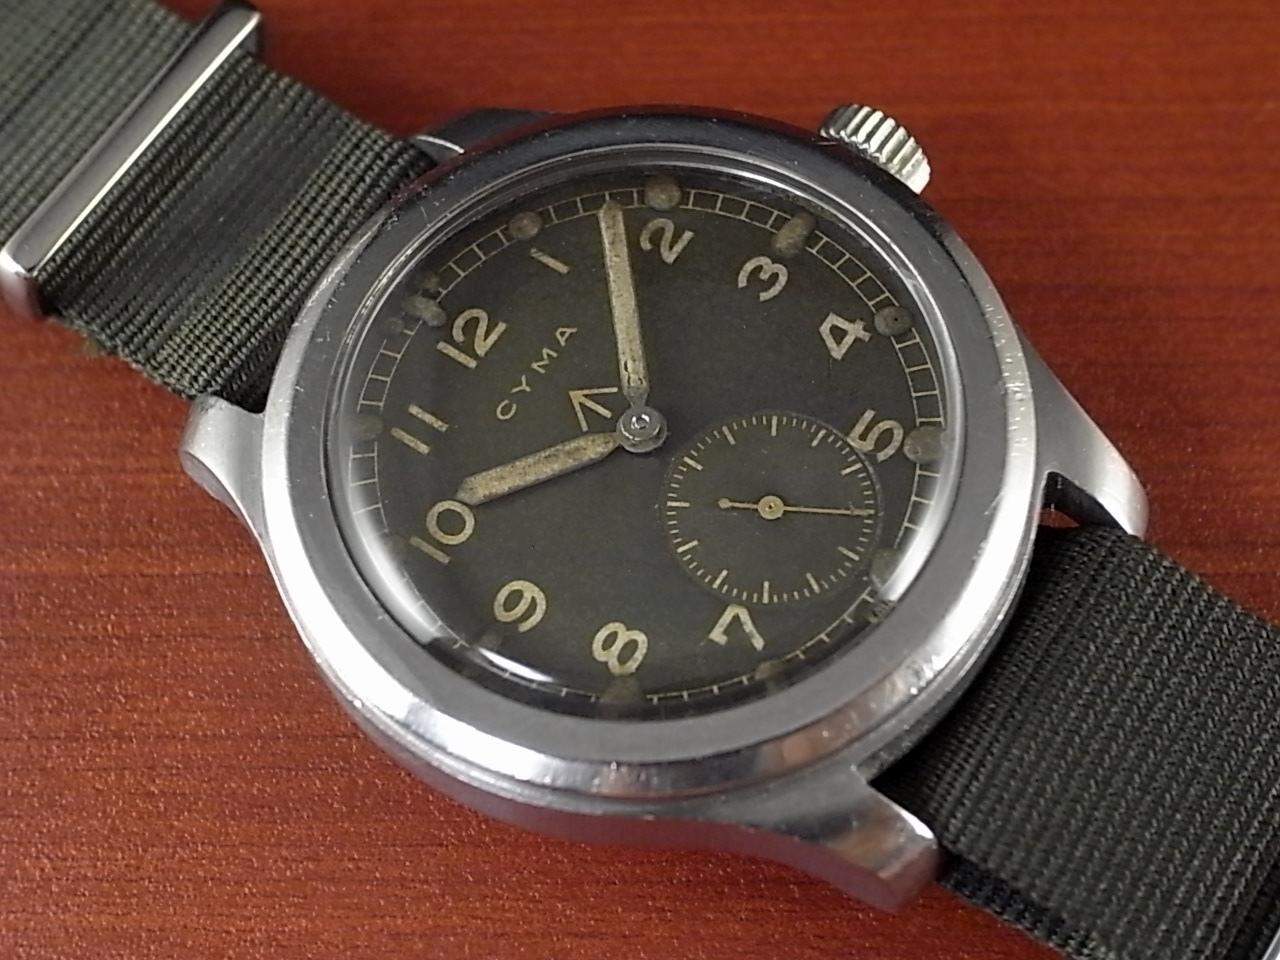 シーマ 軍用時計 イギリス陸軍 W.W.W. ラージケース 第二次世界大戦 1940年代のメイン写真